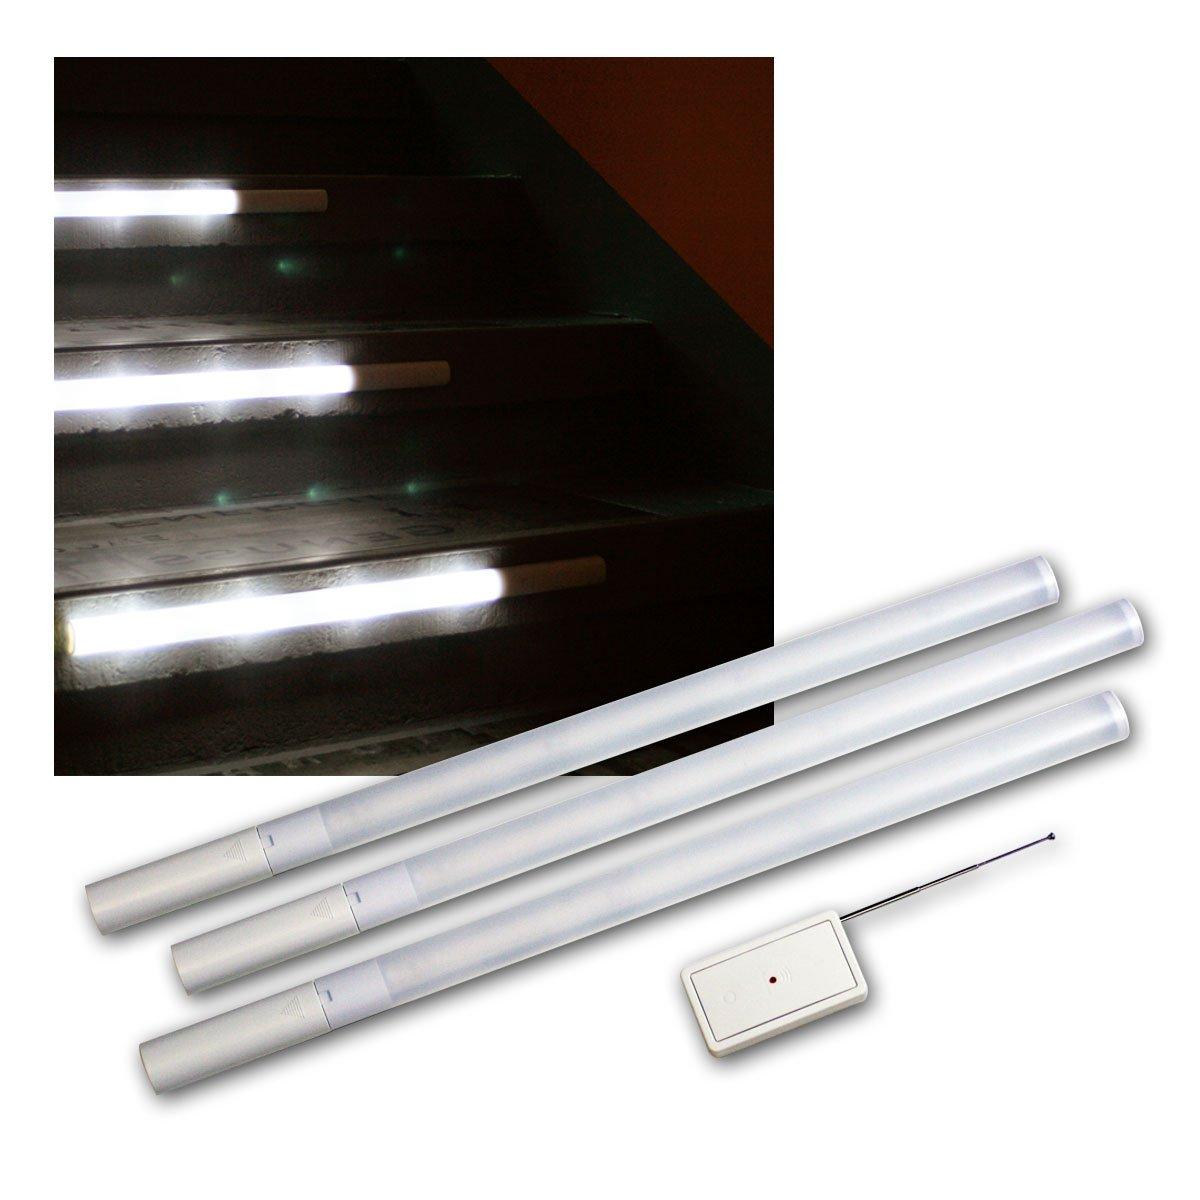 Briloner Prisma LED Stufenbeleuchtung Treppenbeleuchtung 3er SET Inkl.  Fernbedienung, 6000K, Je 4 LED Inkl. Batterien: Amazon.de: Beleuchtung